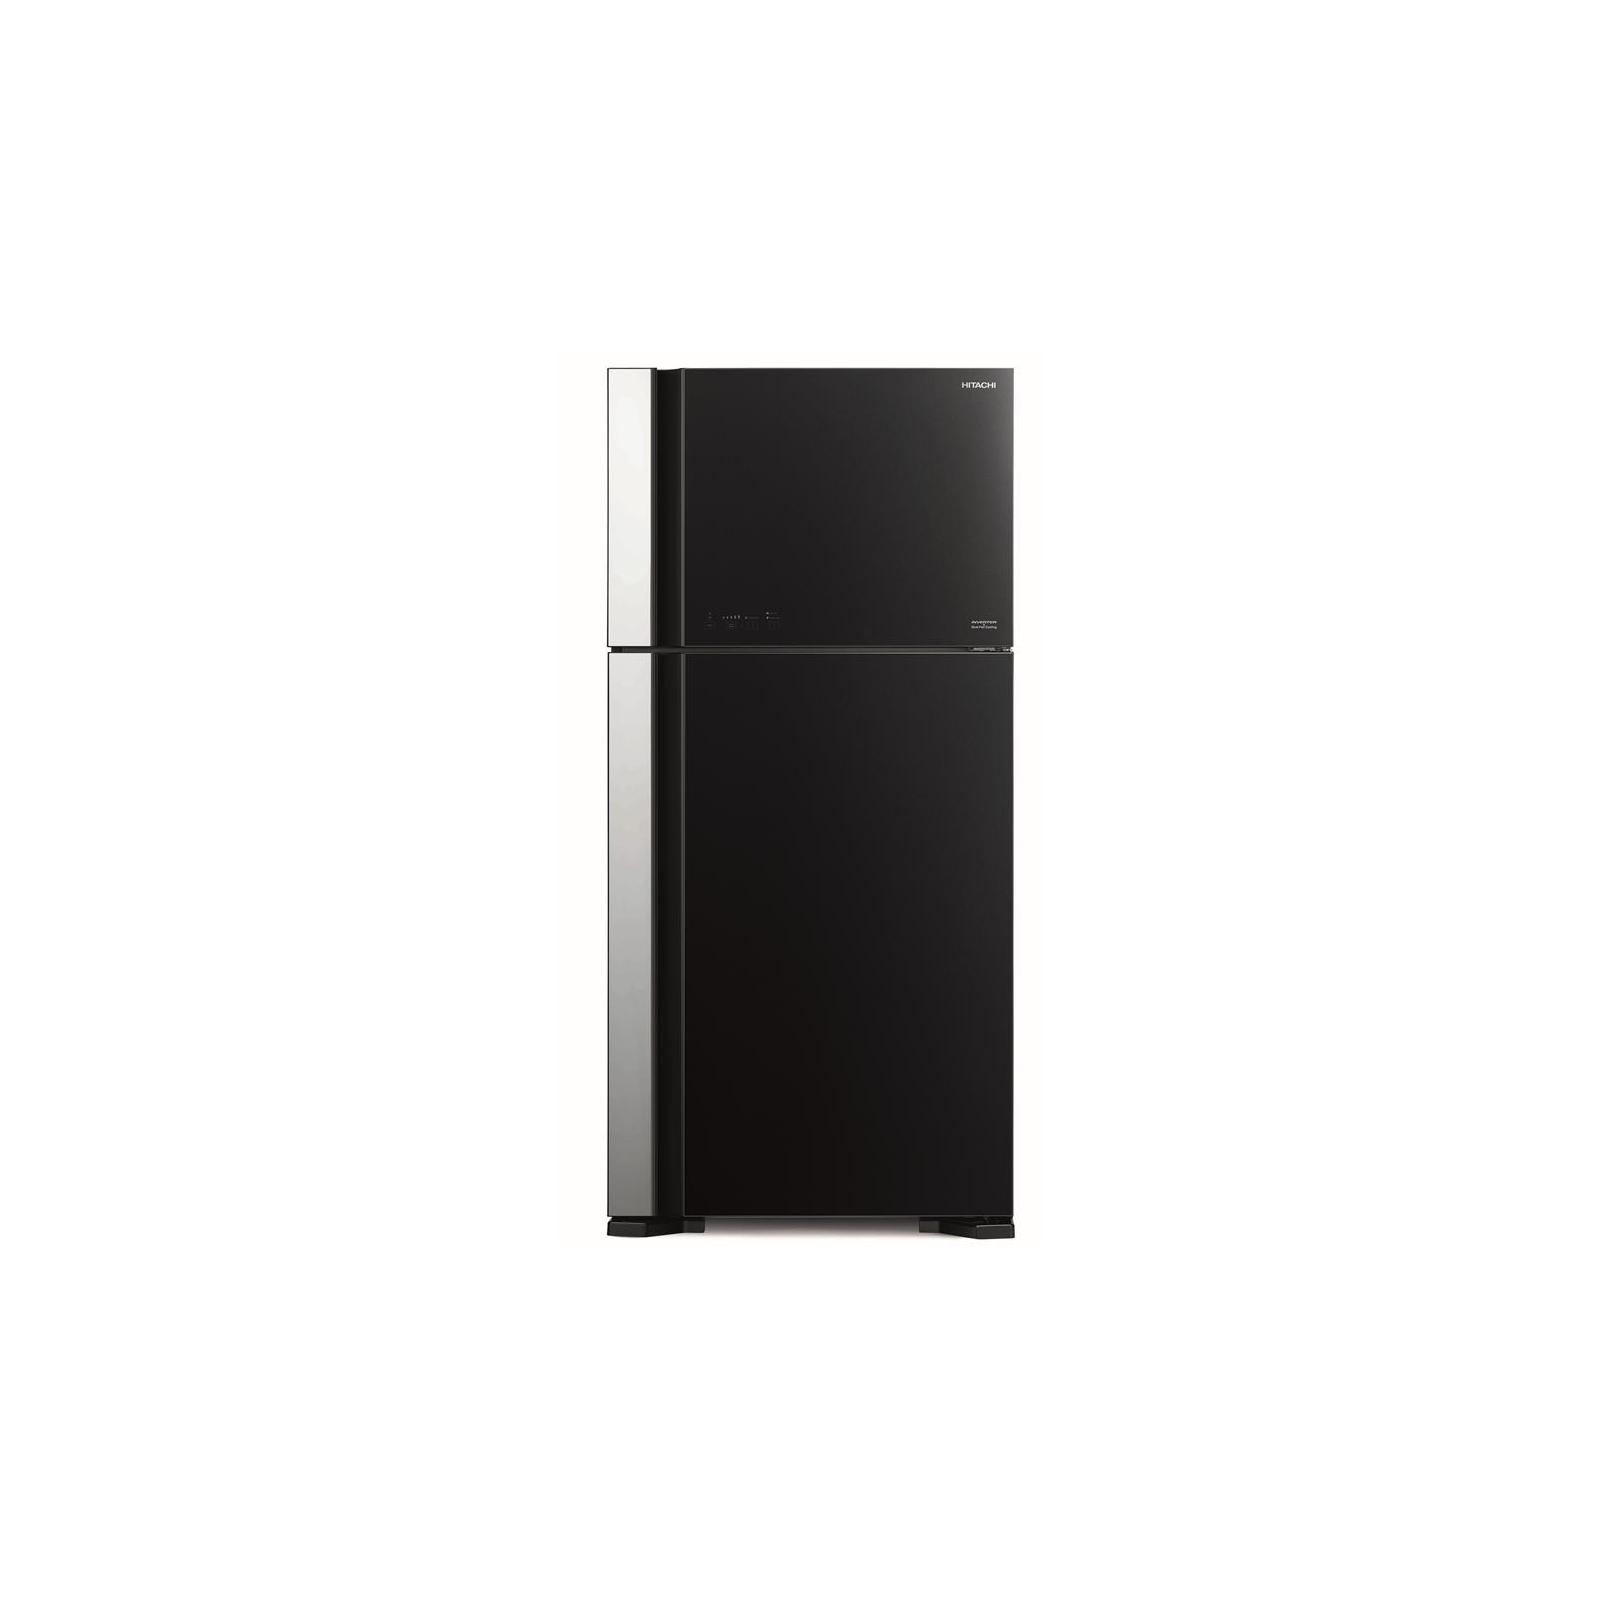 Холодильник Hitachi R-VG660PUC7GBK изображение 2